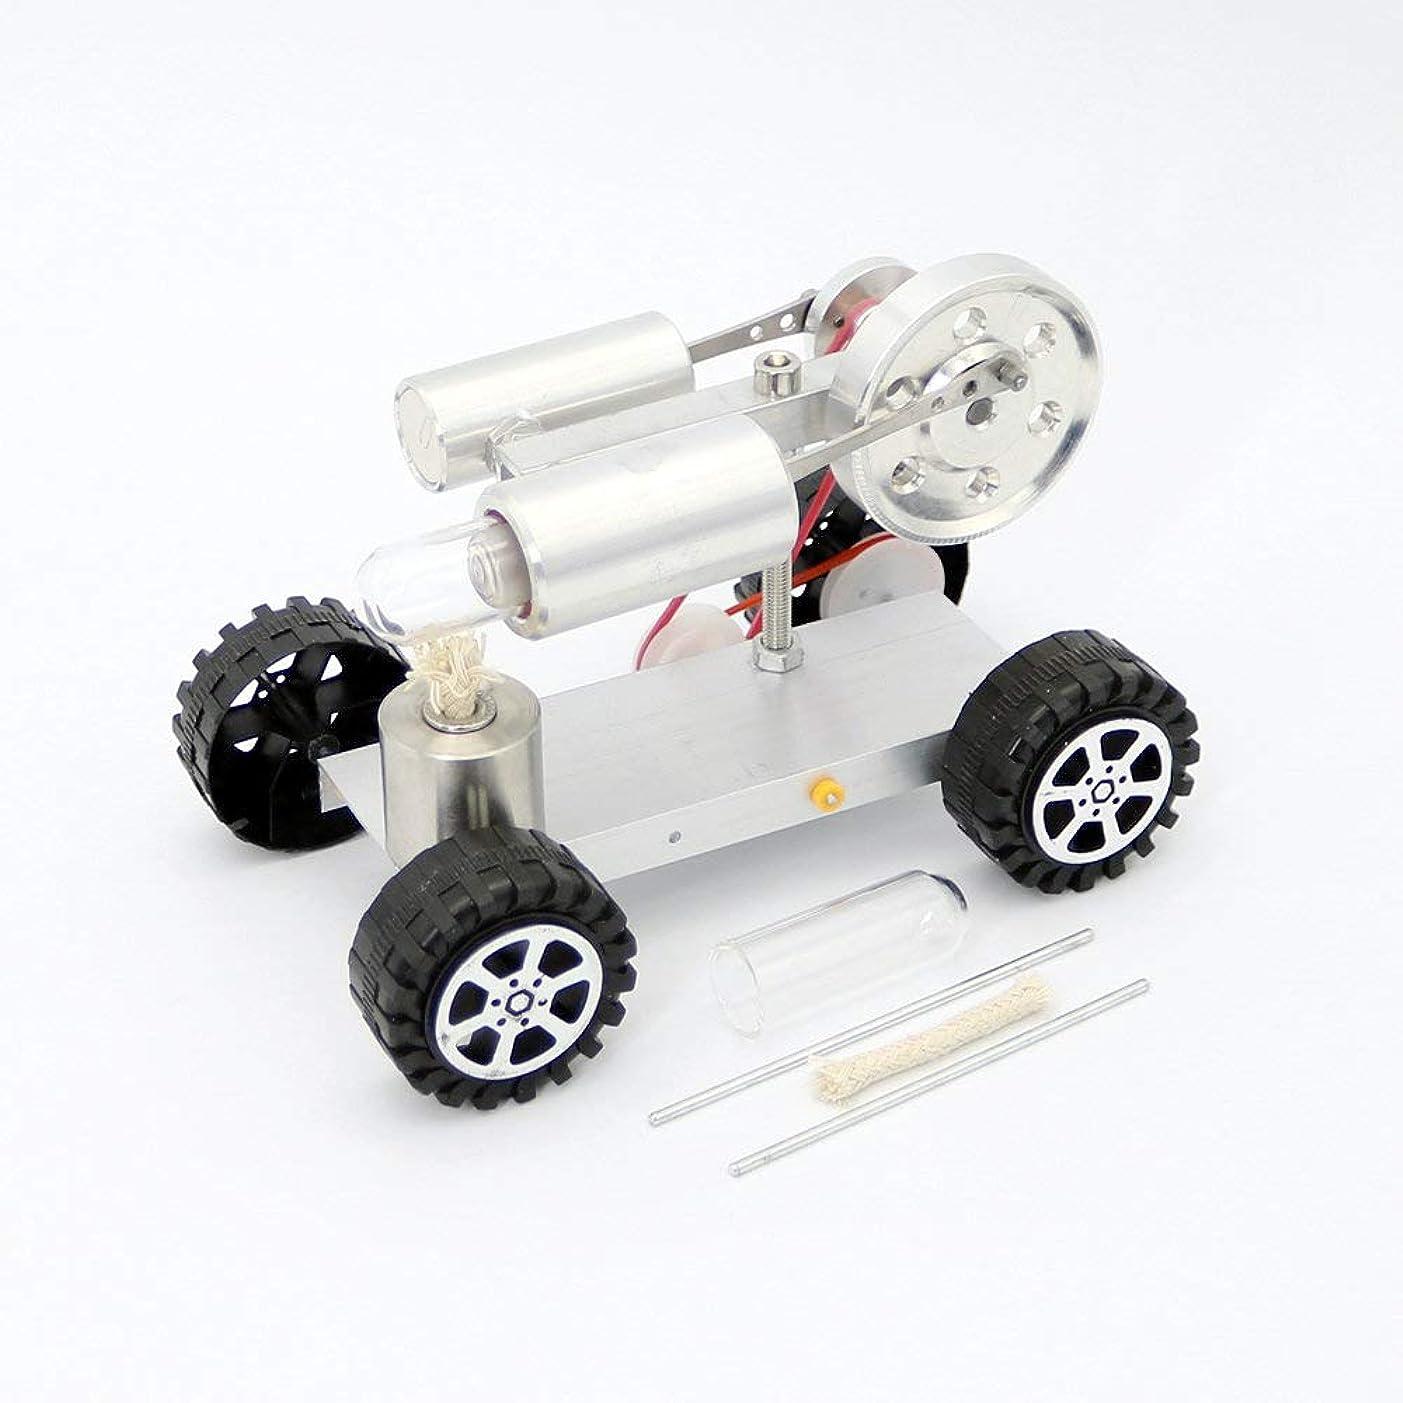 効能ある拒絶要旨Goolsky ラジオコントロール レーシング ボート RTR 電気船 RC 玩具 子供 ギフト バッテリー付属